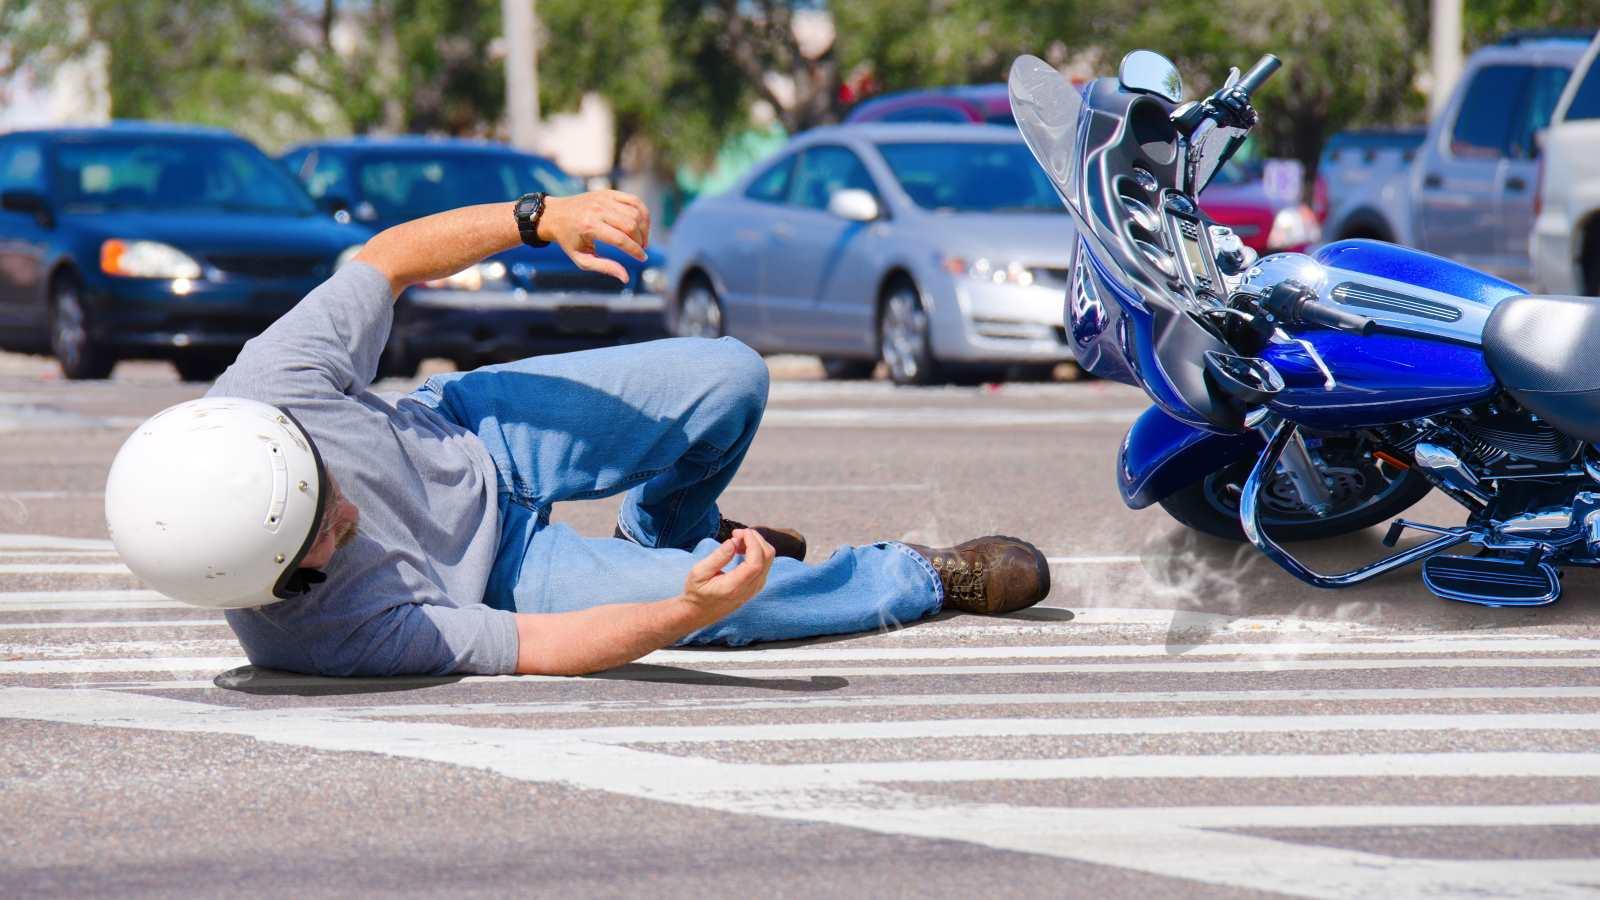 motorbike slipped